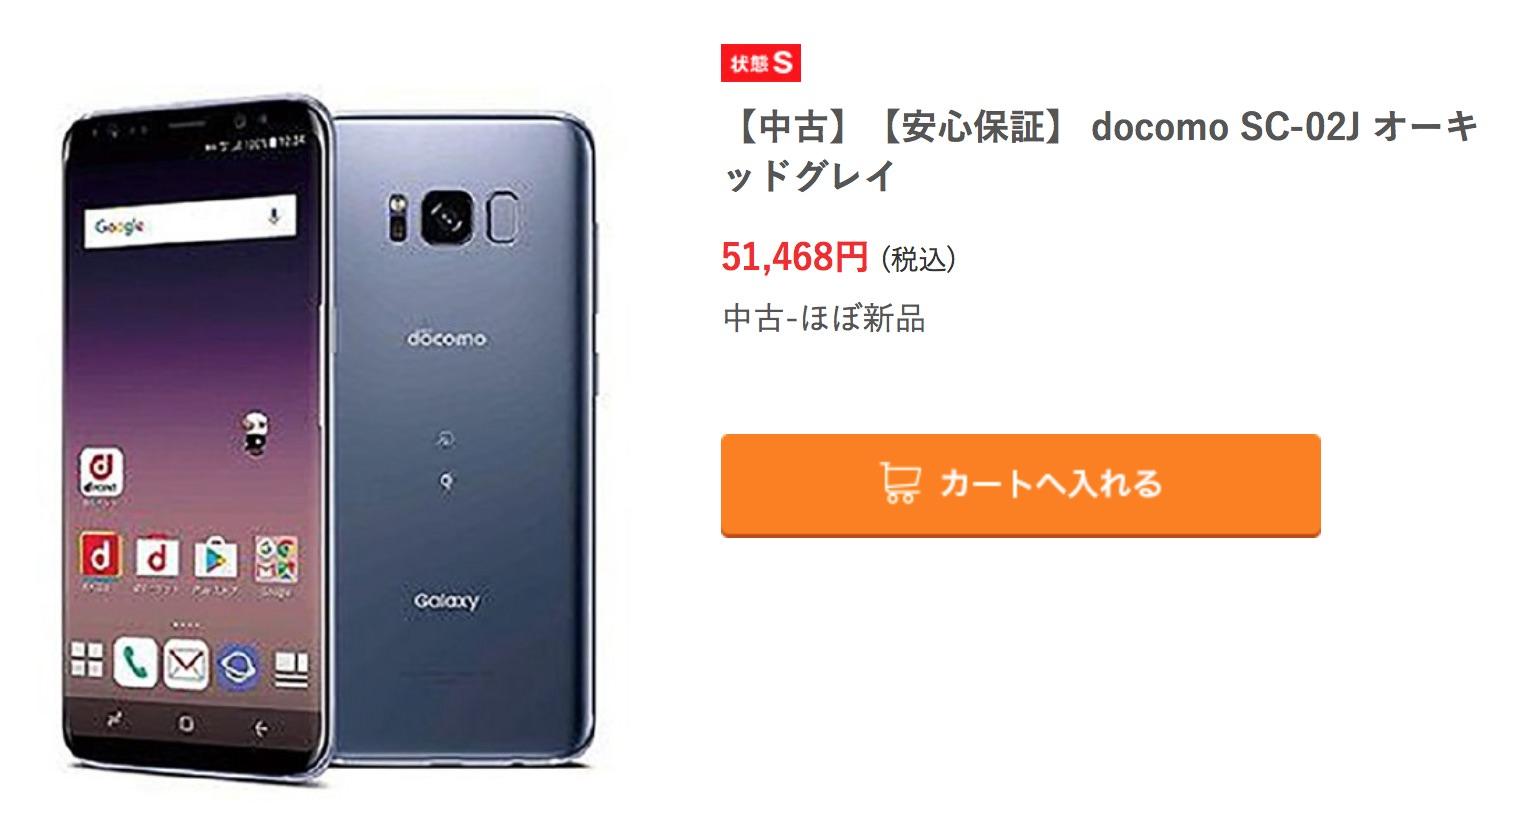 ドコモ版Galaxy Note8 (SC-01K)の未使用品が特価71,340円で販売中